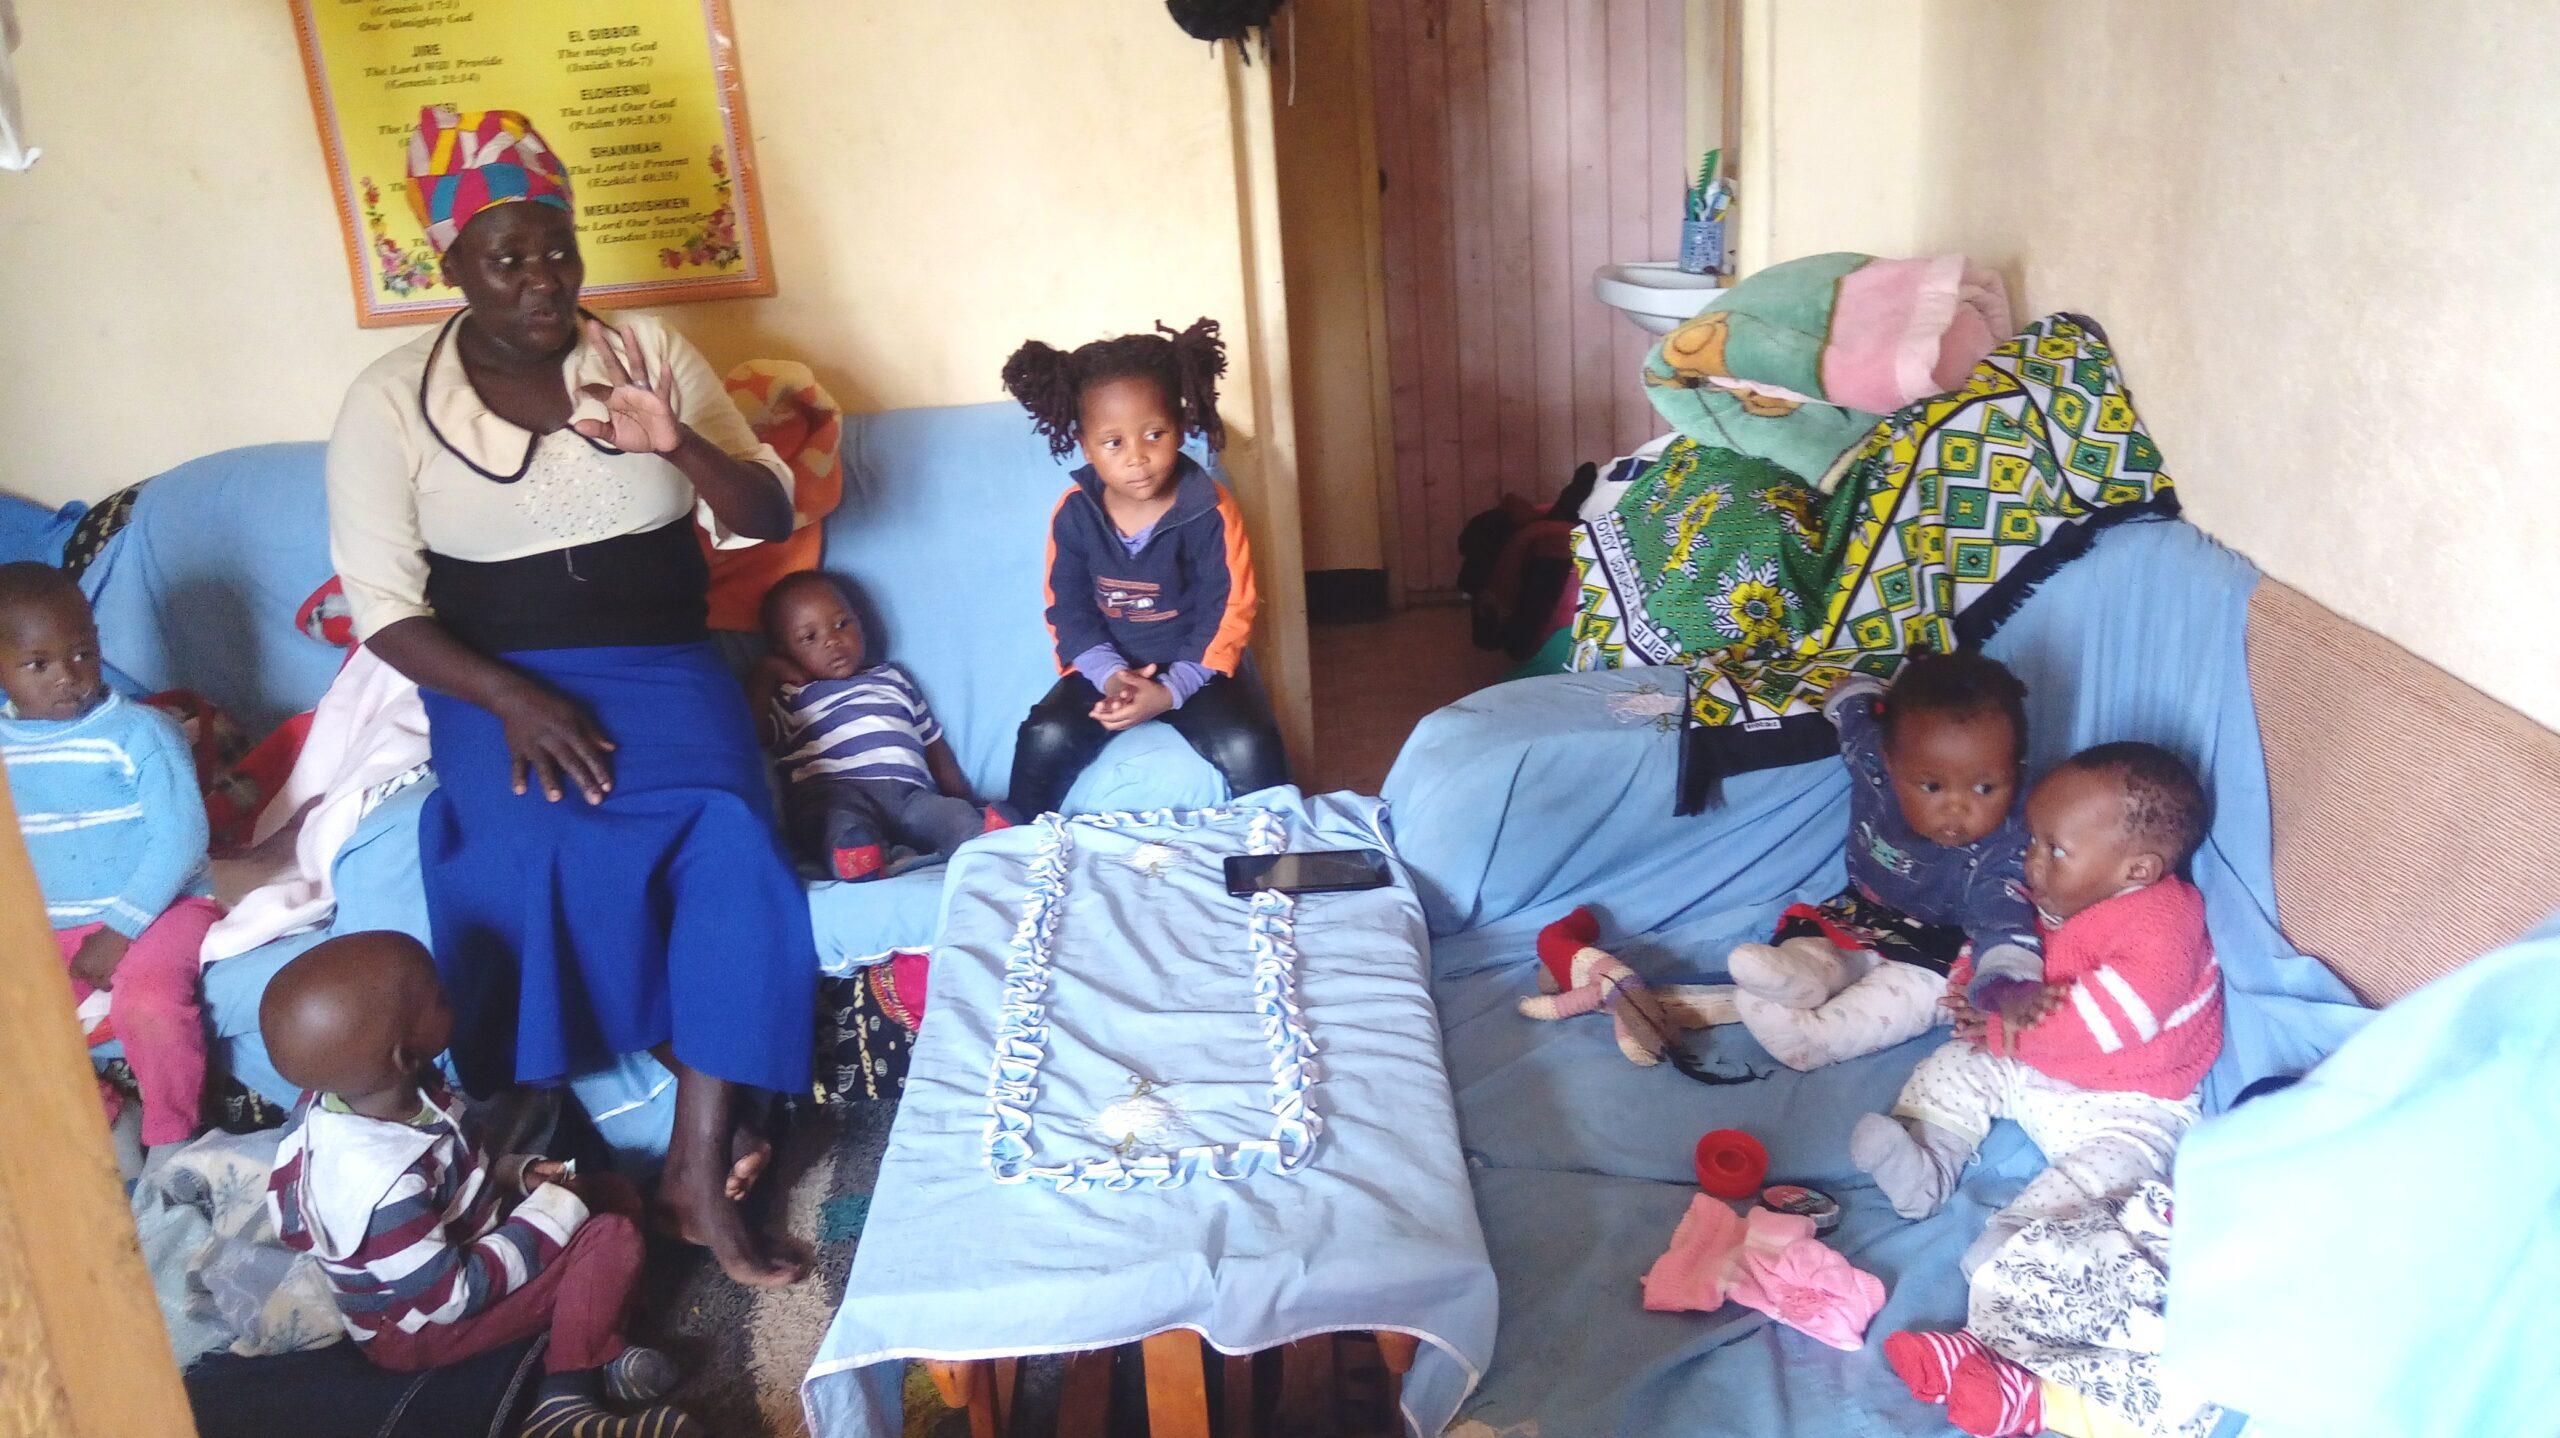 Fridah talking to the kids